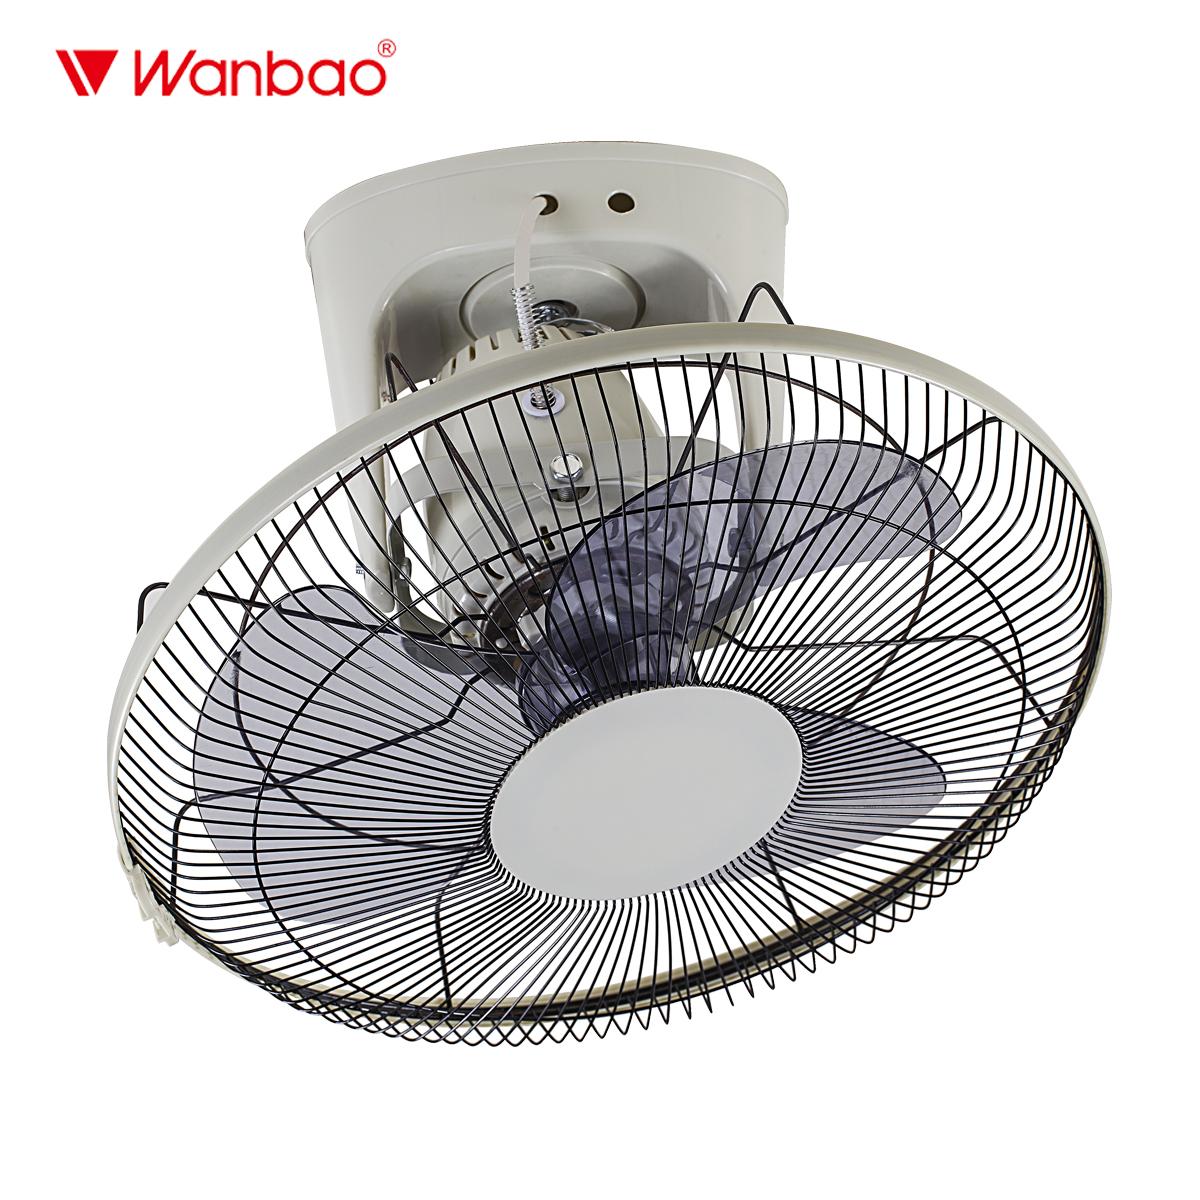 2017 Hot Sale 16 Inches Orbit Fan Ceiling Fan With Three